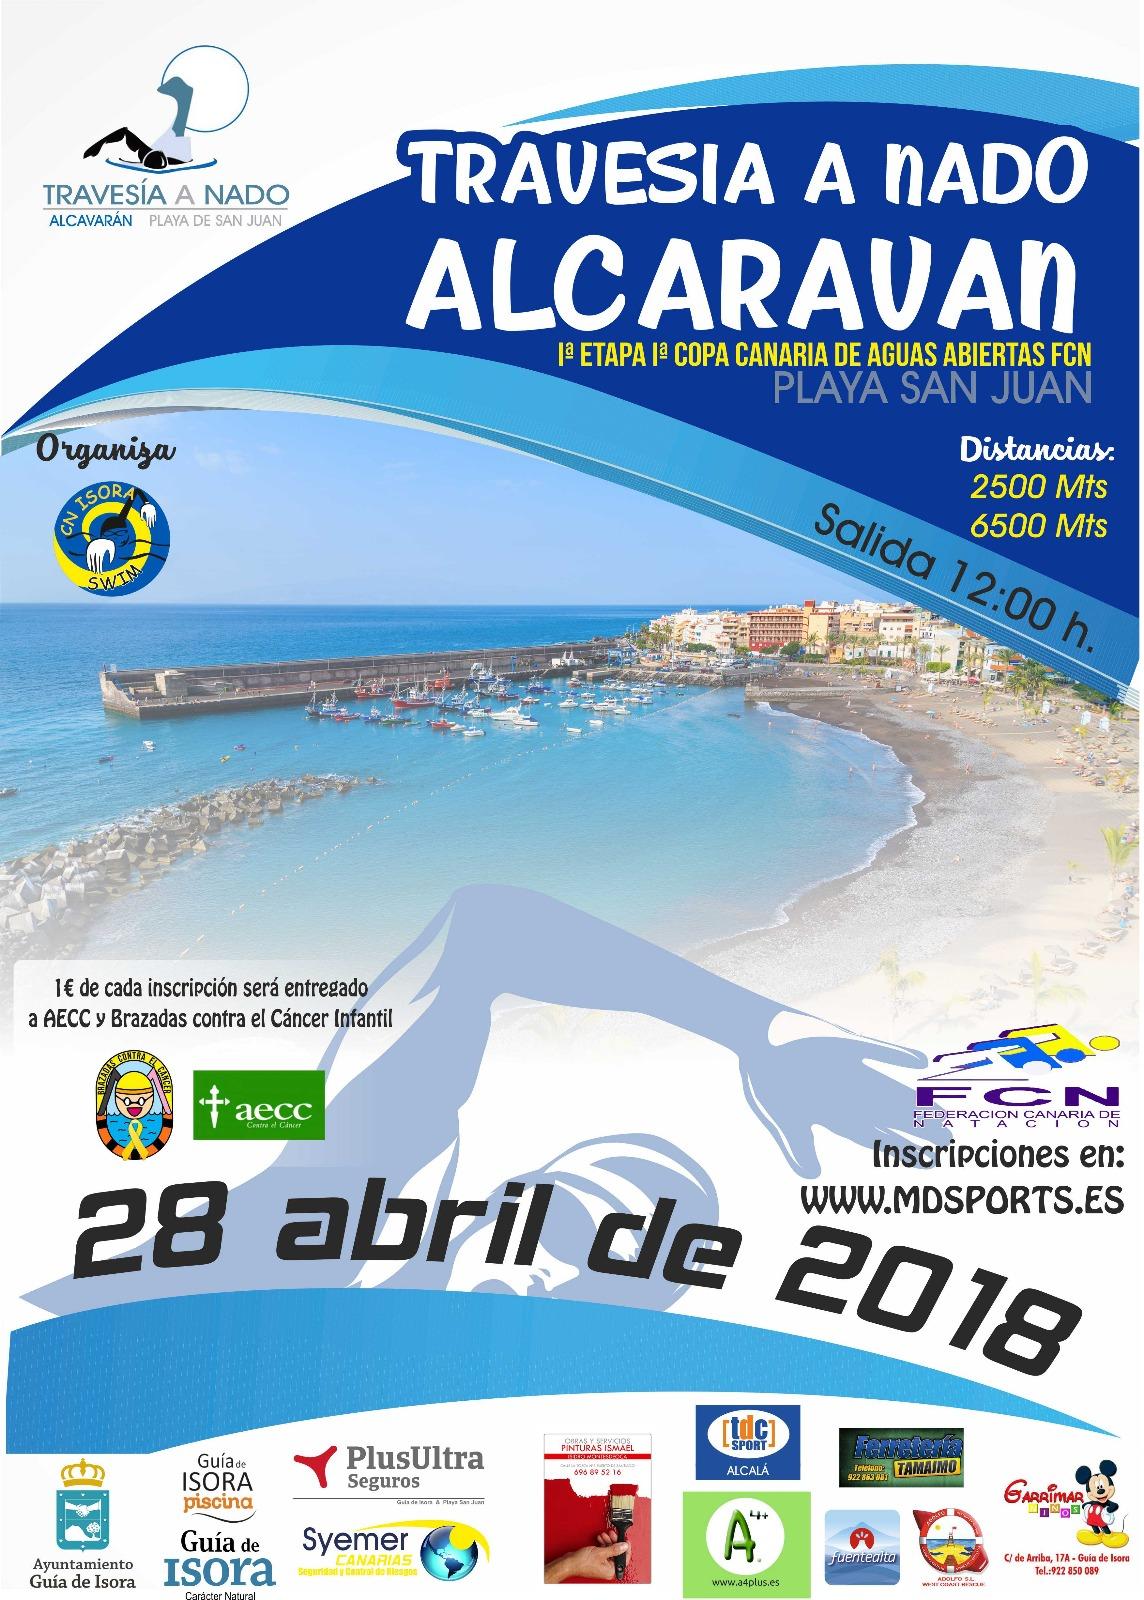 Toni Franco participará mañana sábado 28 de abril en La Travesía a nado Alcaraván, 1ª Copa Canarias de Aguas Abiertas